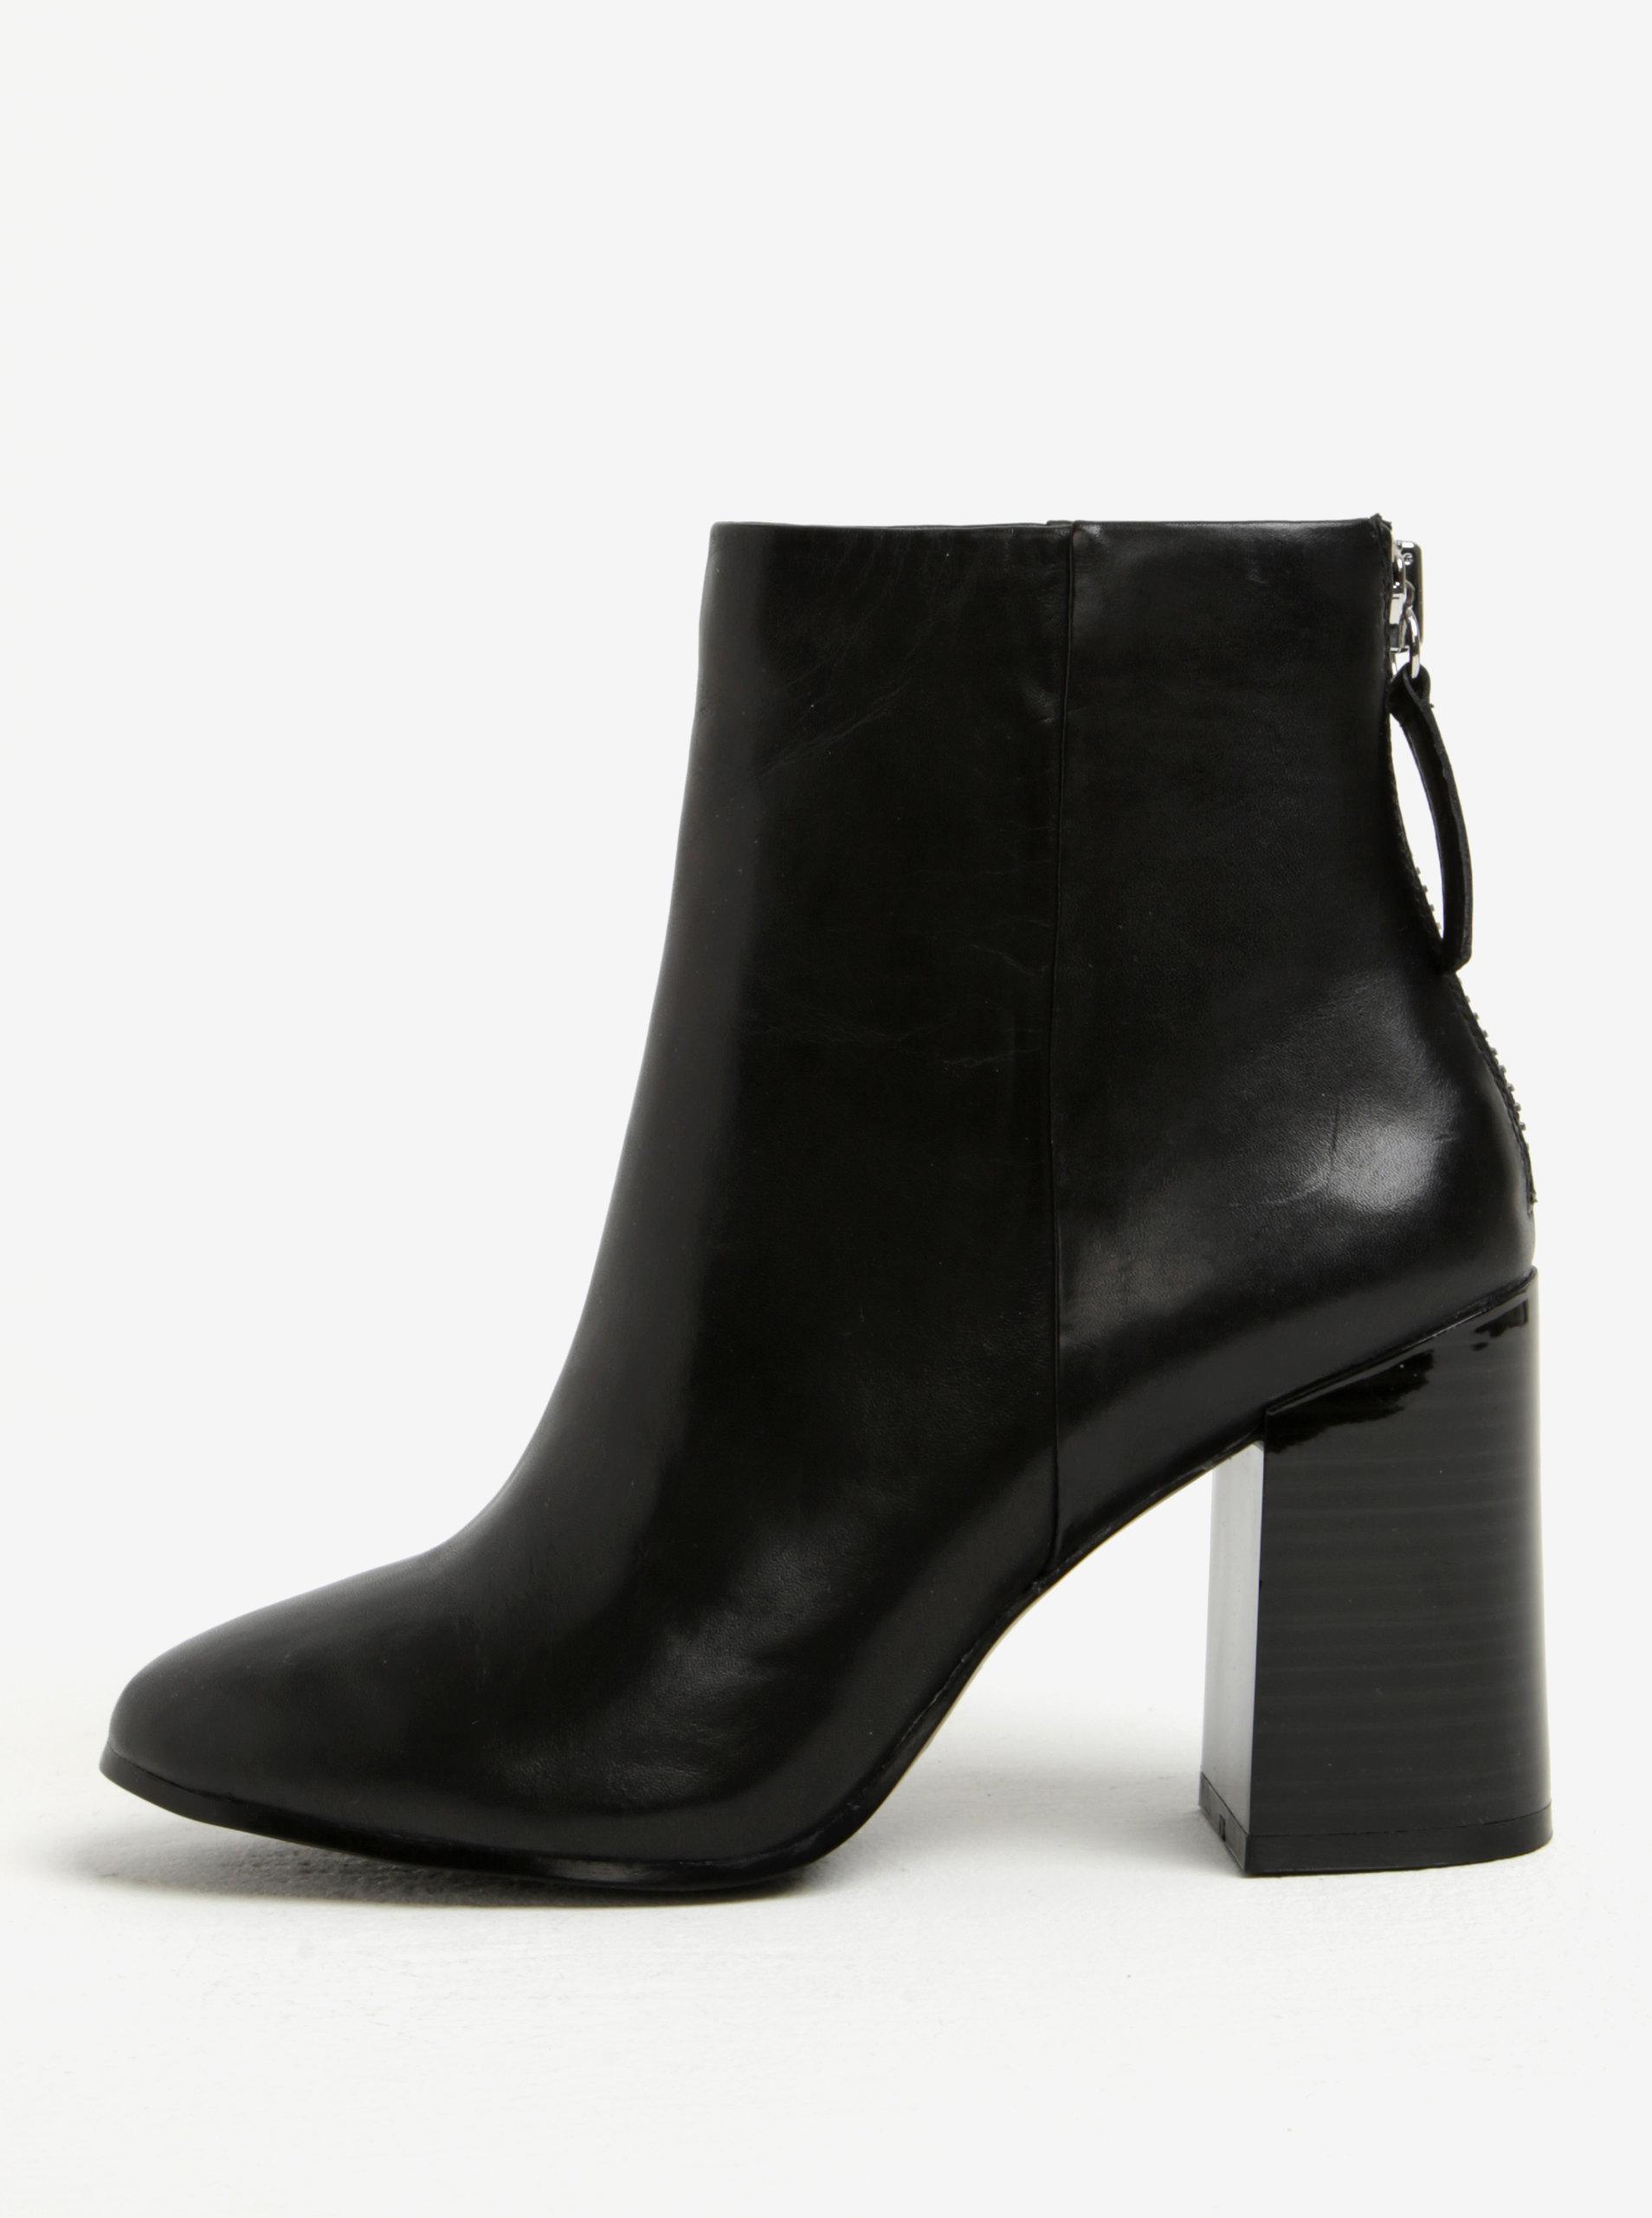 acc2b188c553 Černé dámské kožené kotníkové boty na podpatku ALDO Jola ...